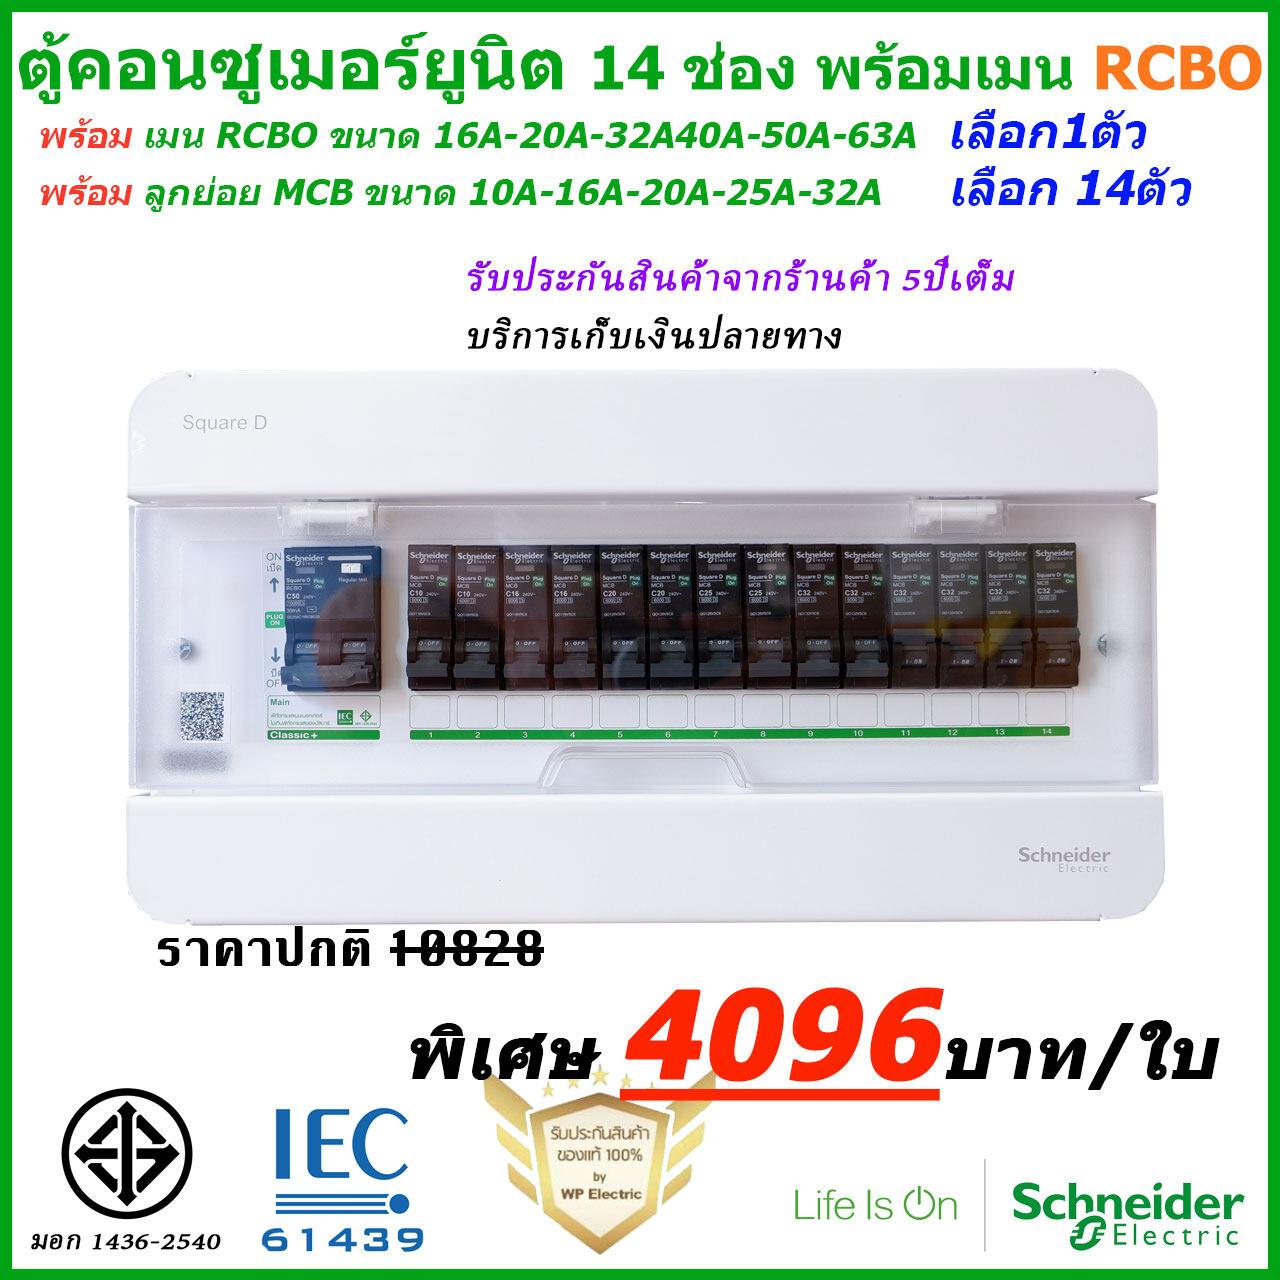 ชุดตู้คอนซูเมอร์ 14 ช่อง พร้อม เมนRCBO=1ตัว + ลูกย่อยMCB = 14ตัว ยี่ห้อ Schneider ผ่านมาตรฐานการไฟฟ้า 100%